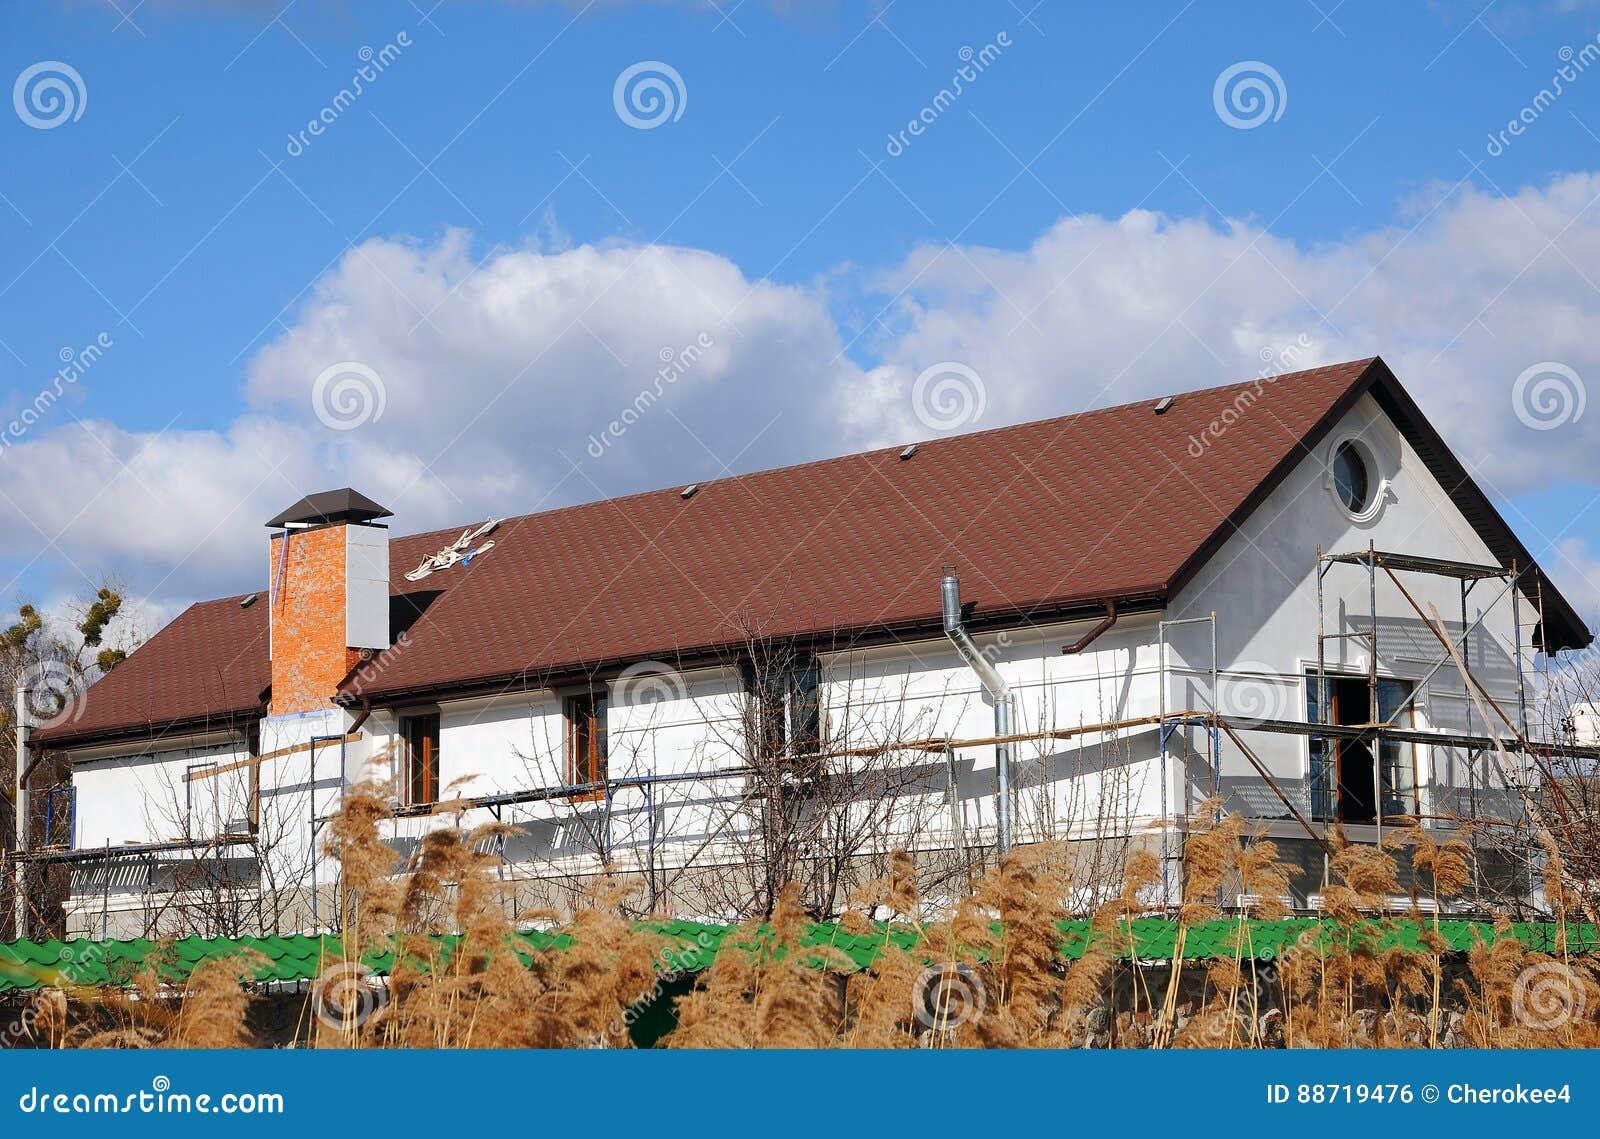 Maison ou b timent urbaine mod le de fa ade goutti re de pluie bardeaux de toit toiture toit for Tuile de maison